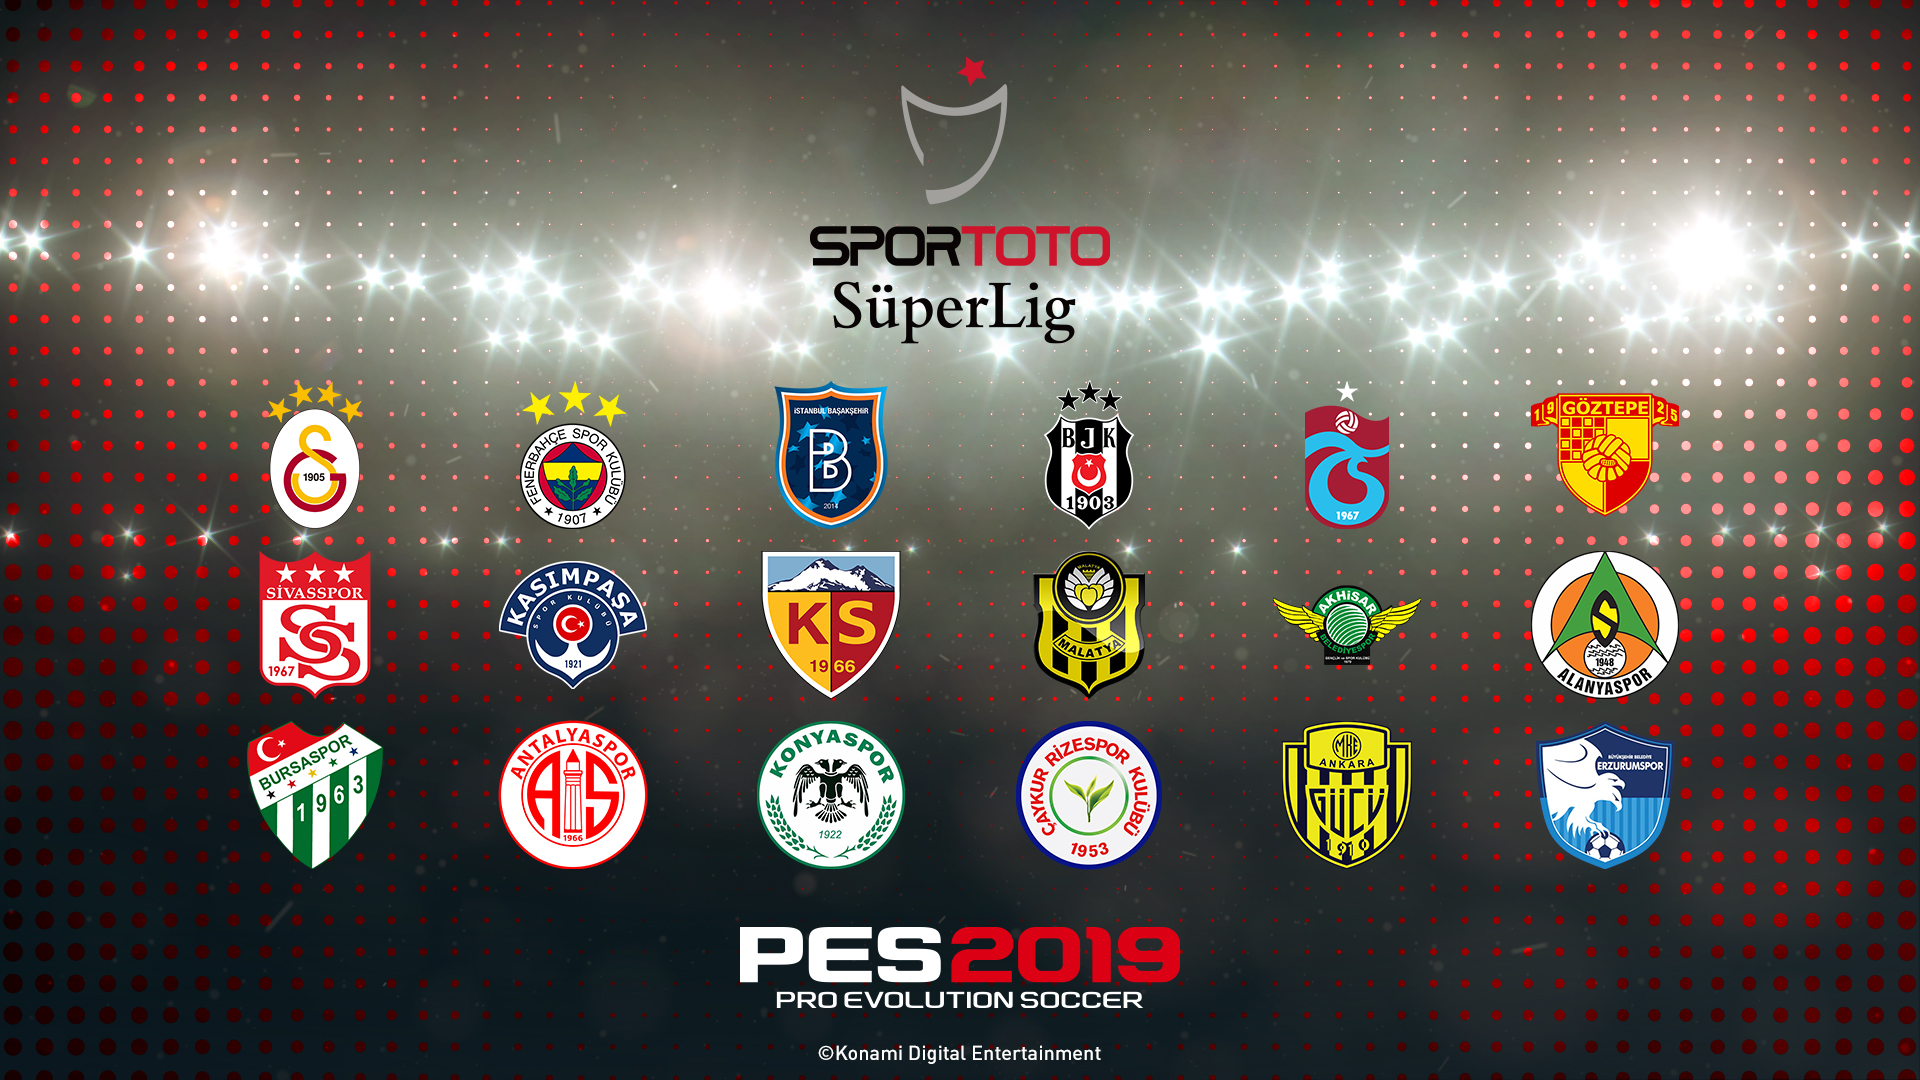 Demo de PES 2019 ya disponible en PC, Xbox One y PS4